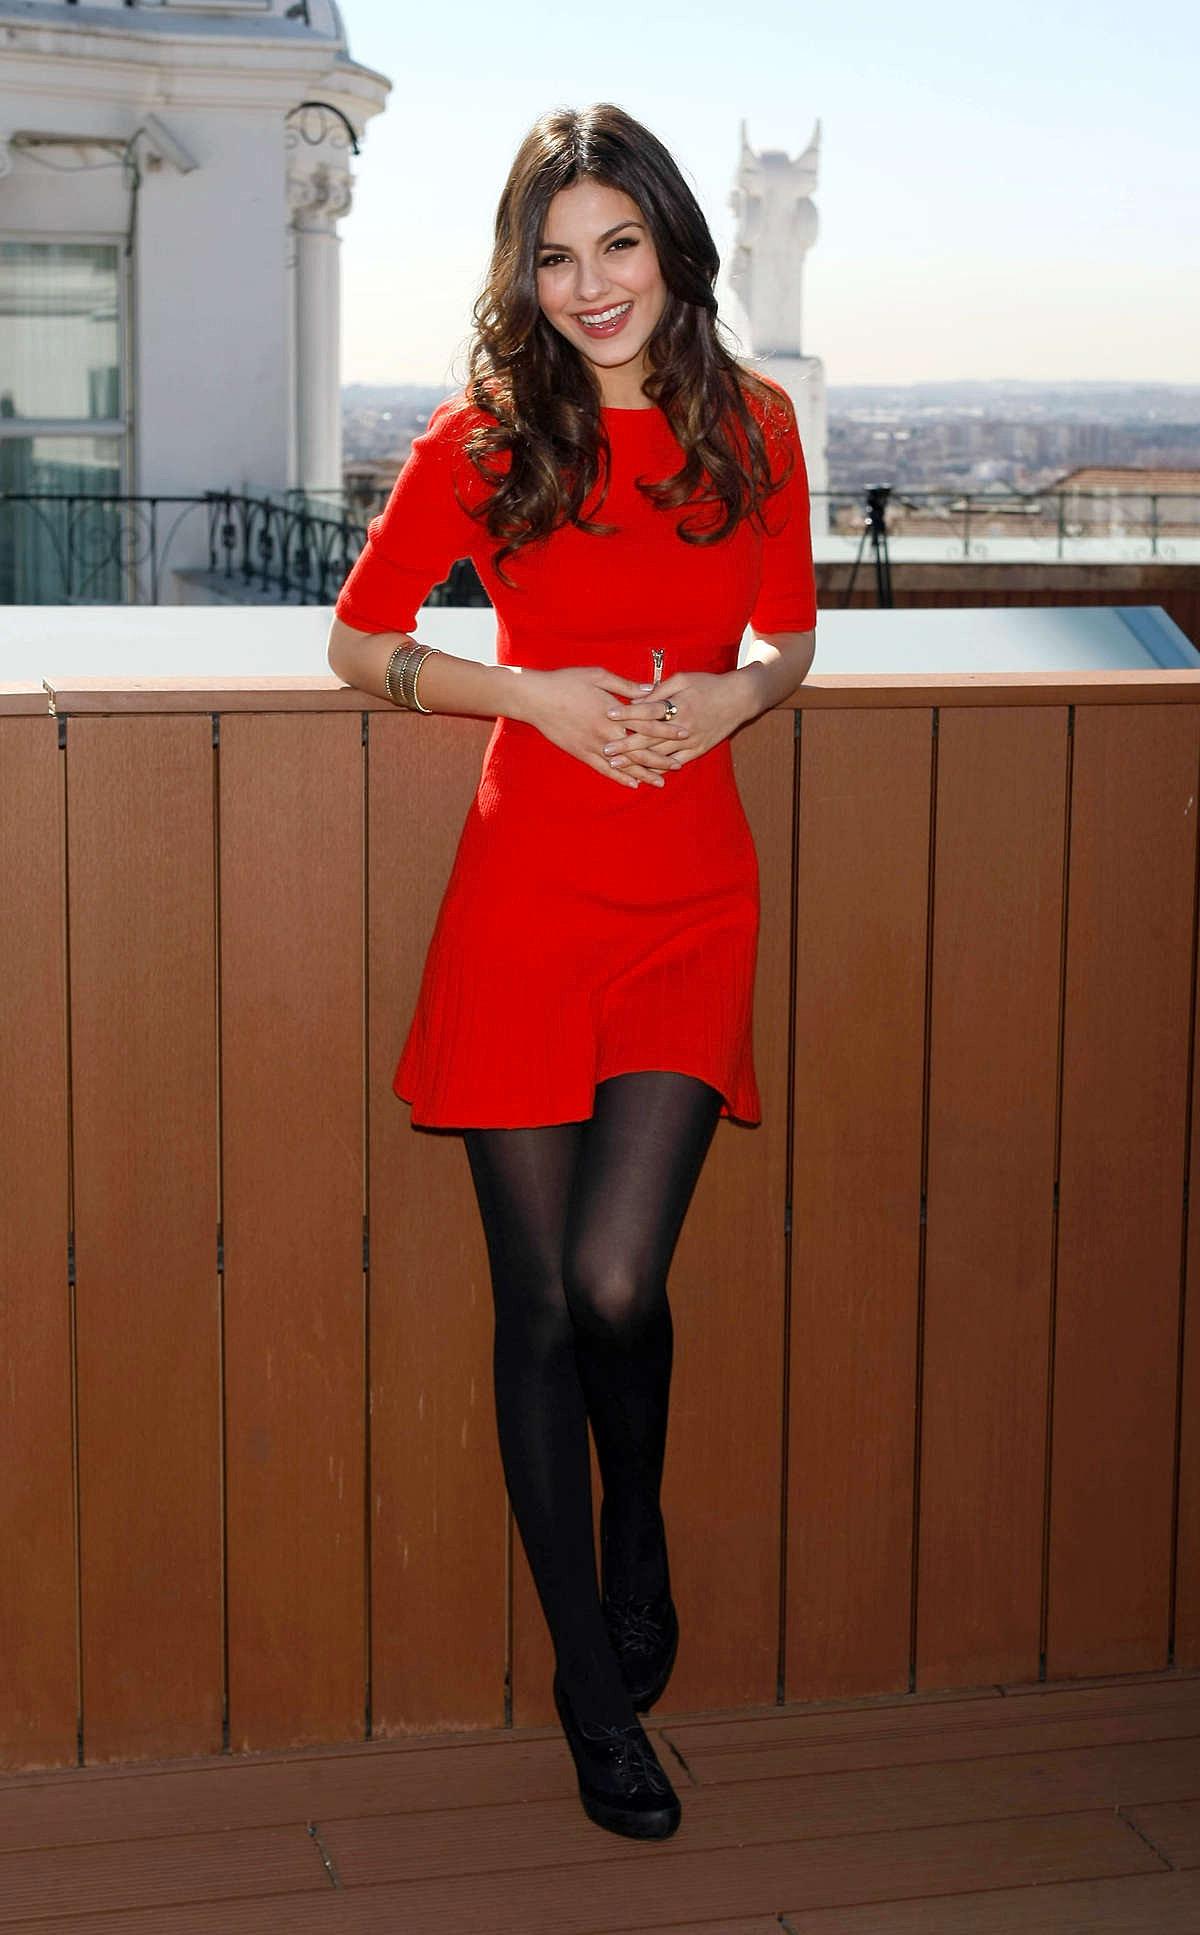 Фото девушек в красном платье и в сапогах 8 фотография